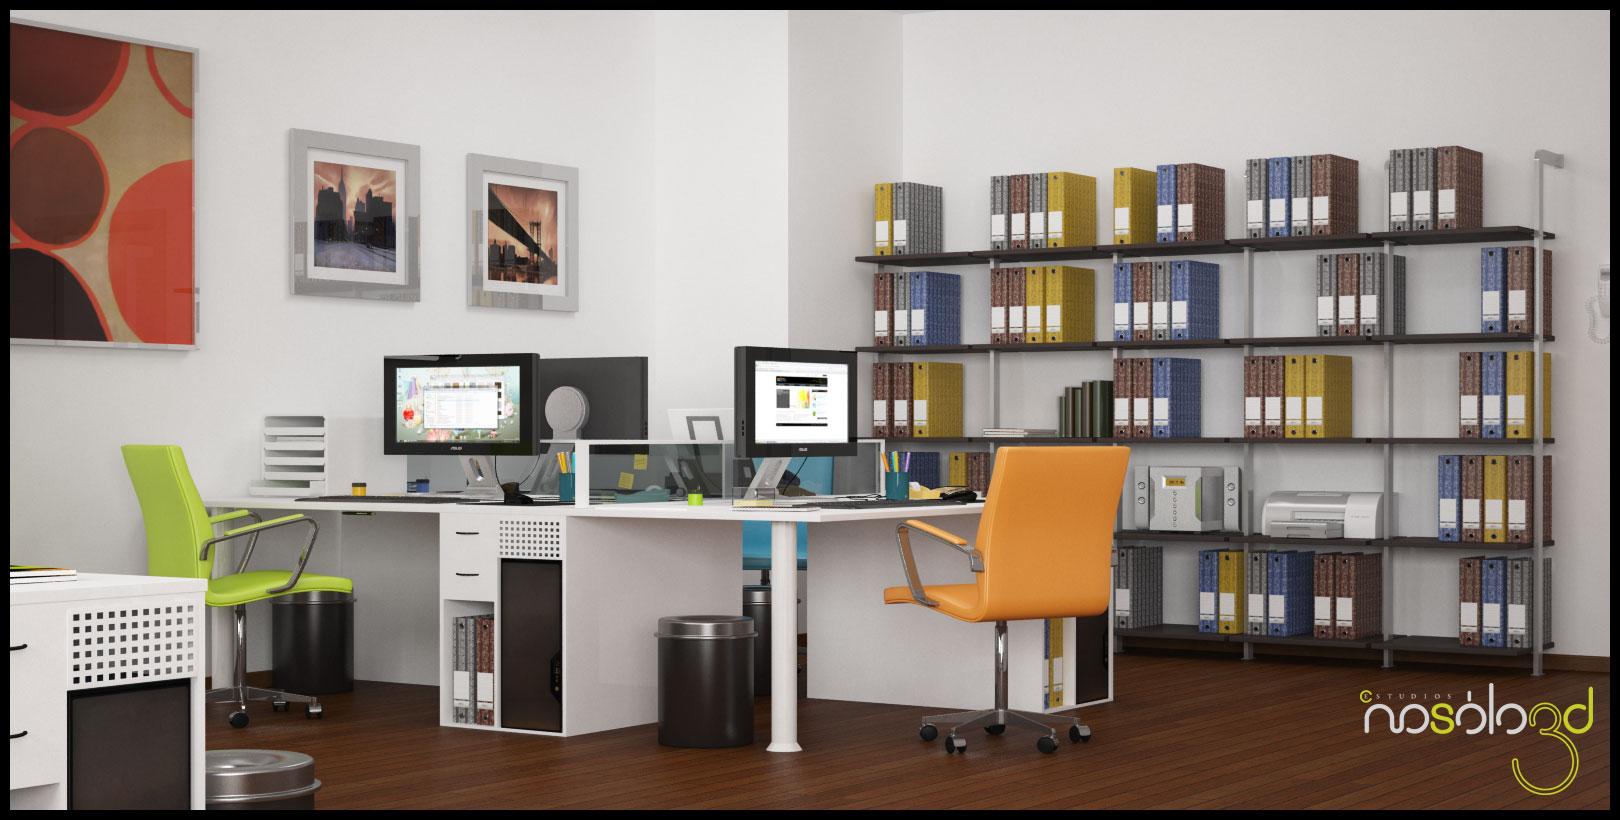 Oficina con cuatro ambientes